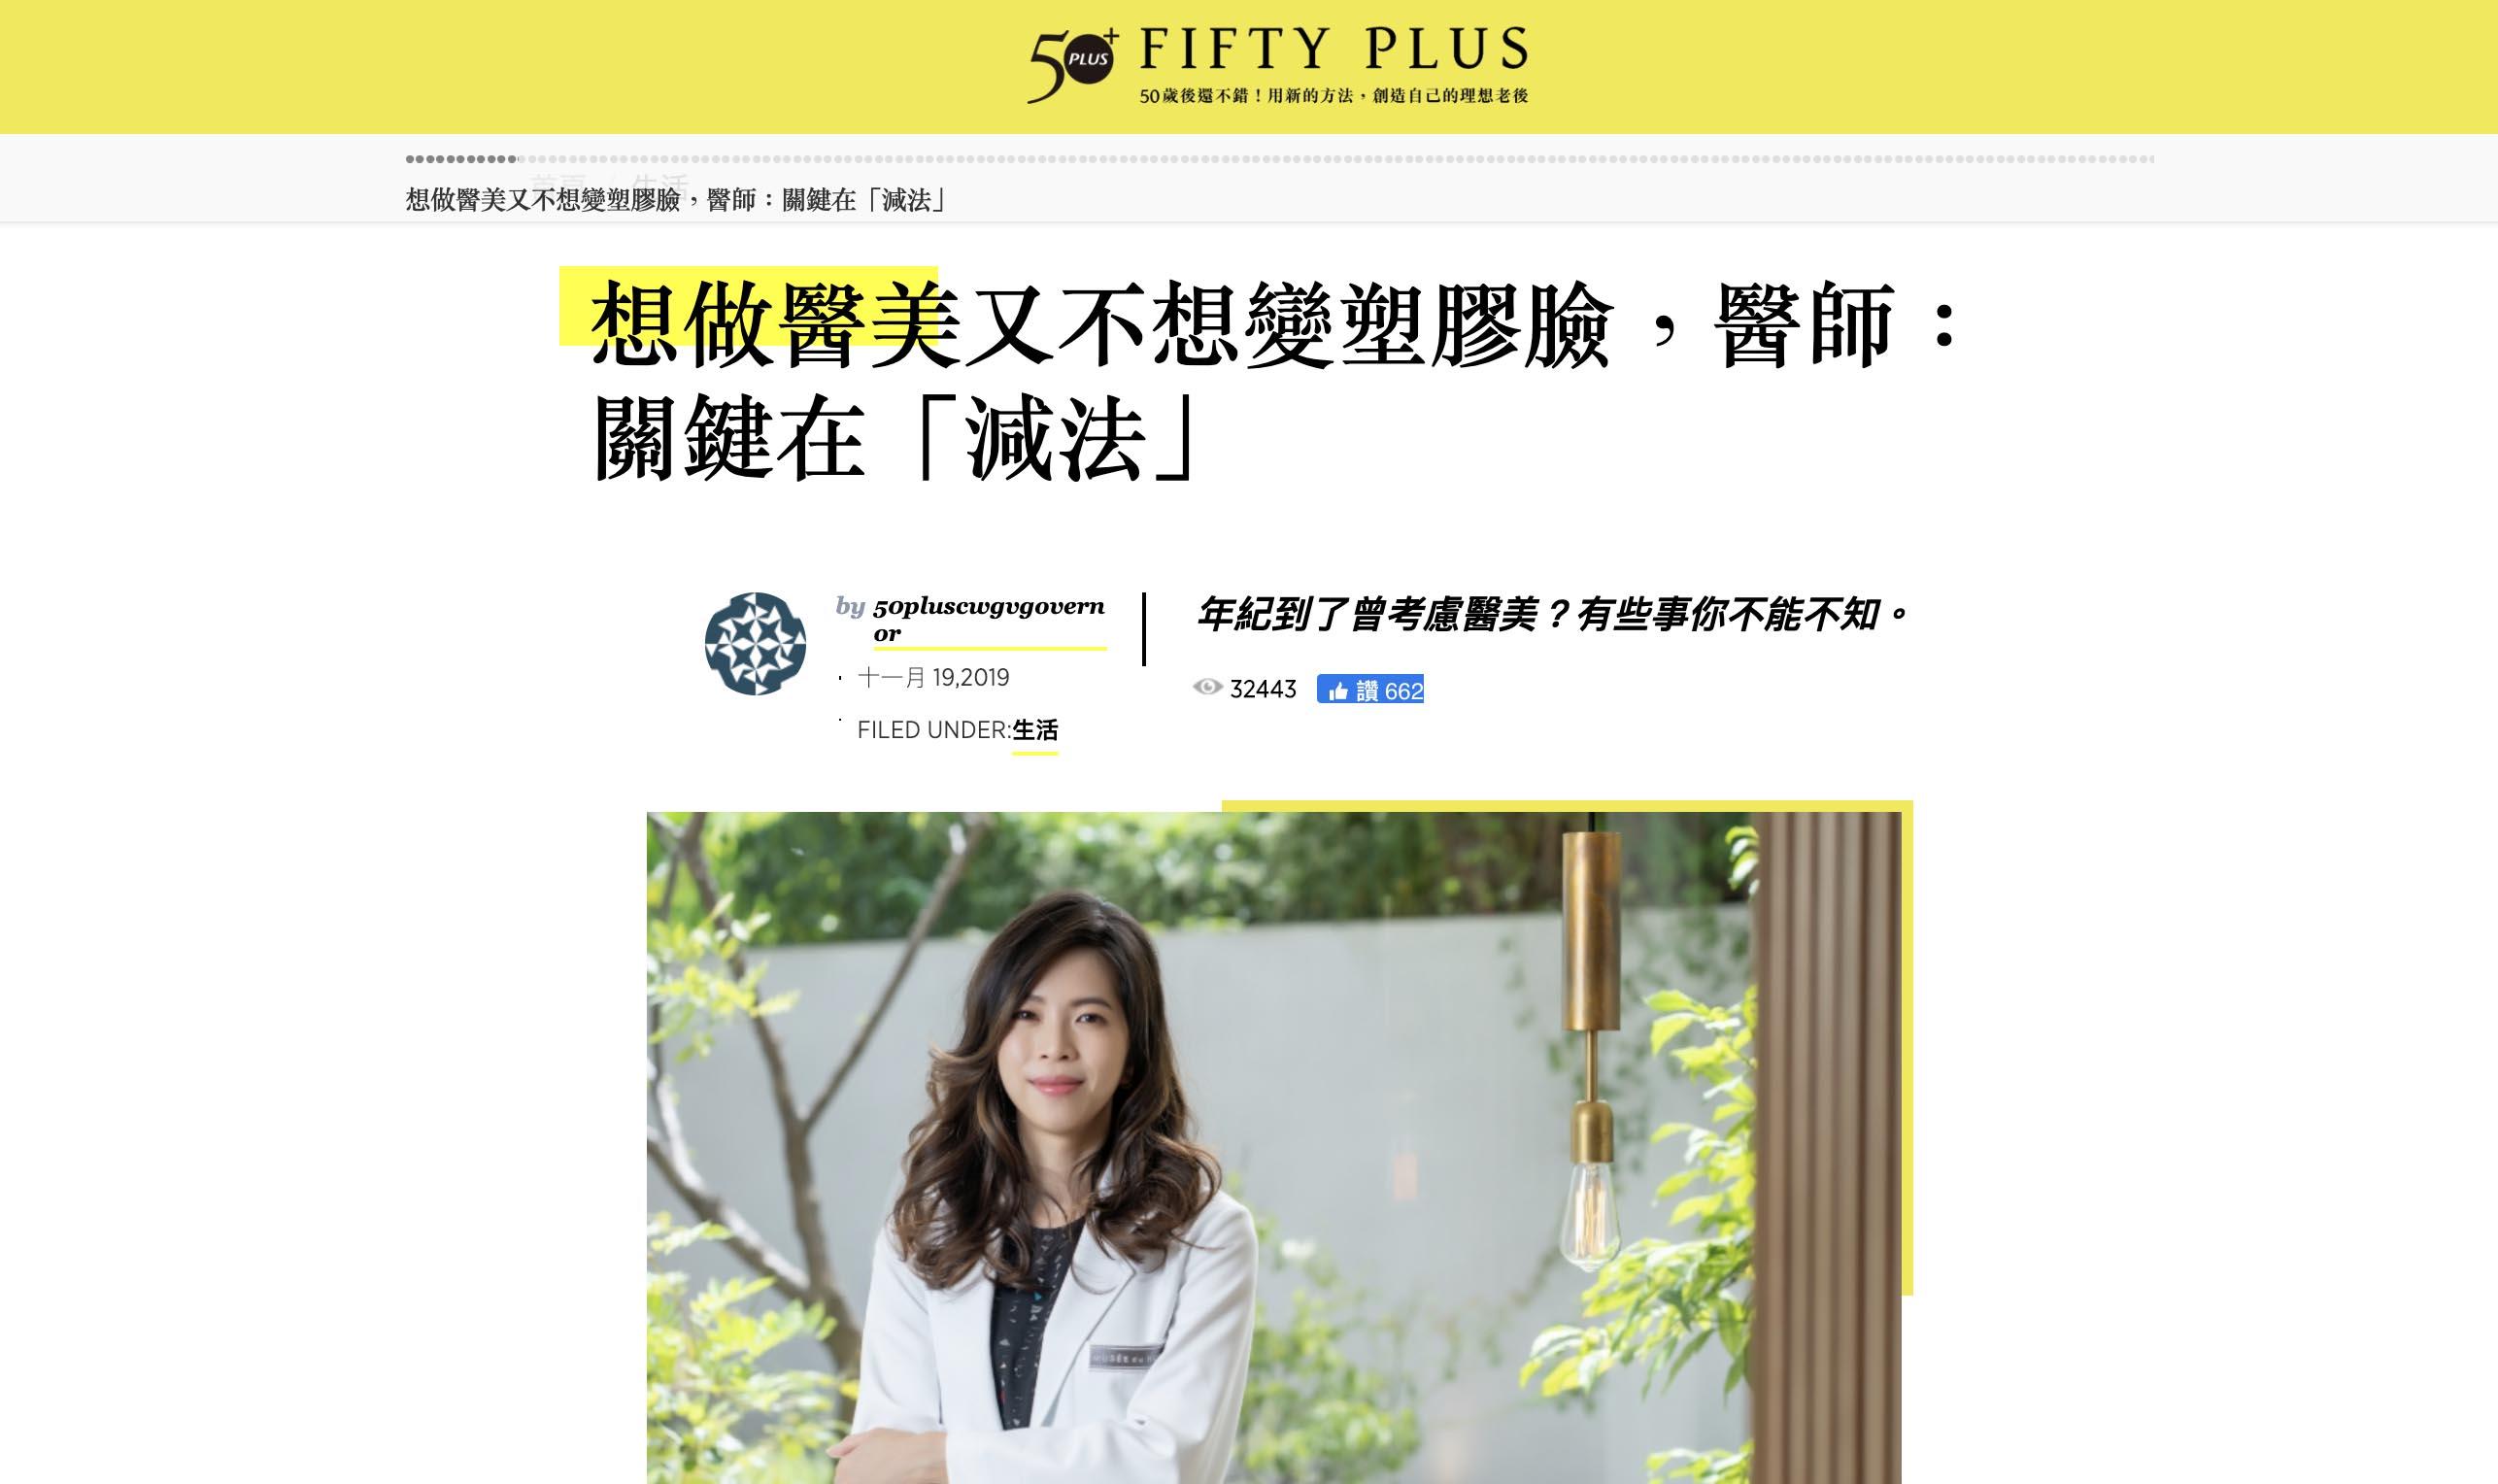 漫雲思境-fiftyplus